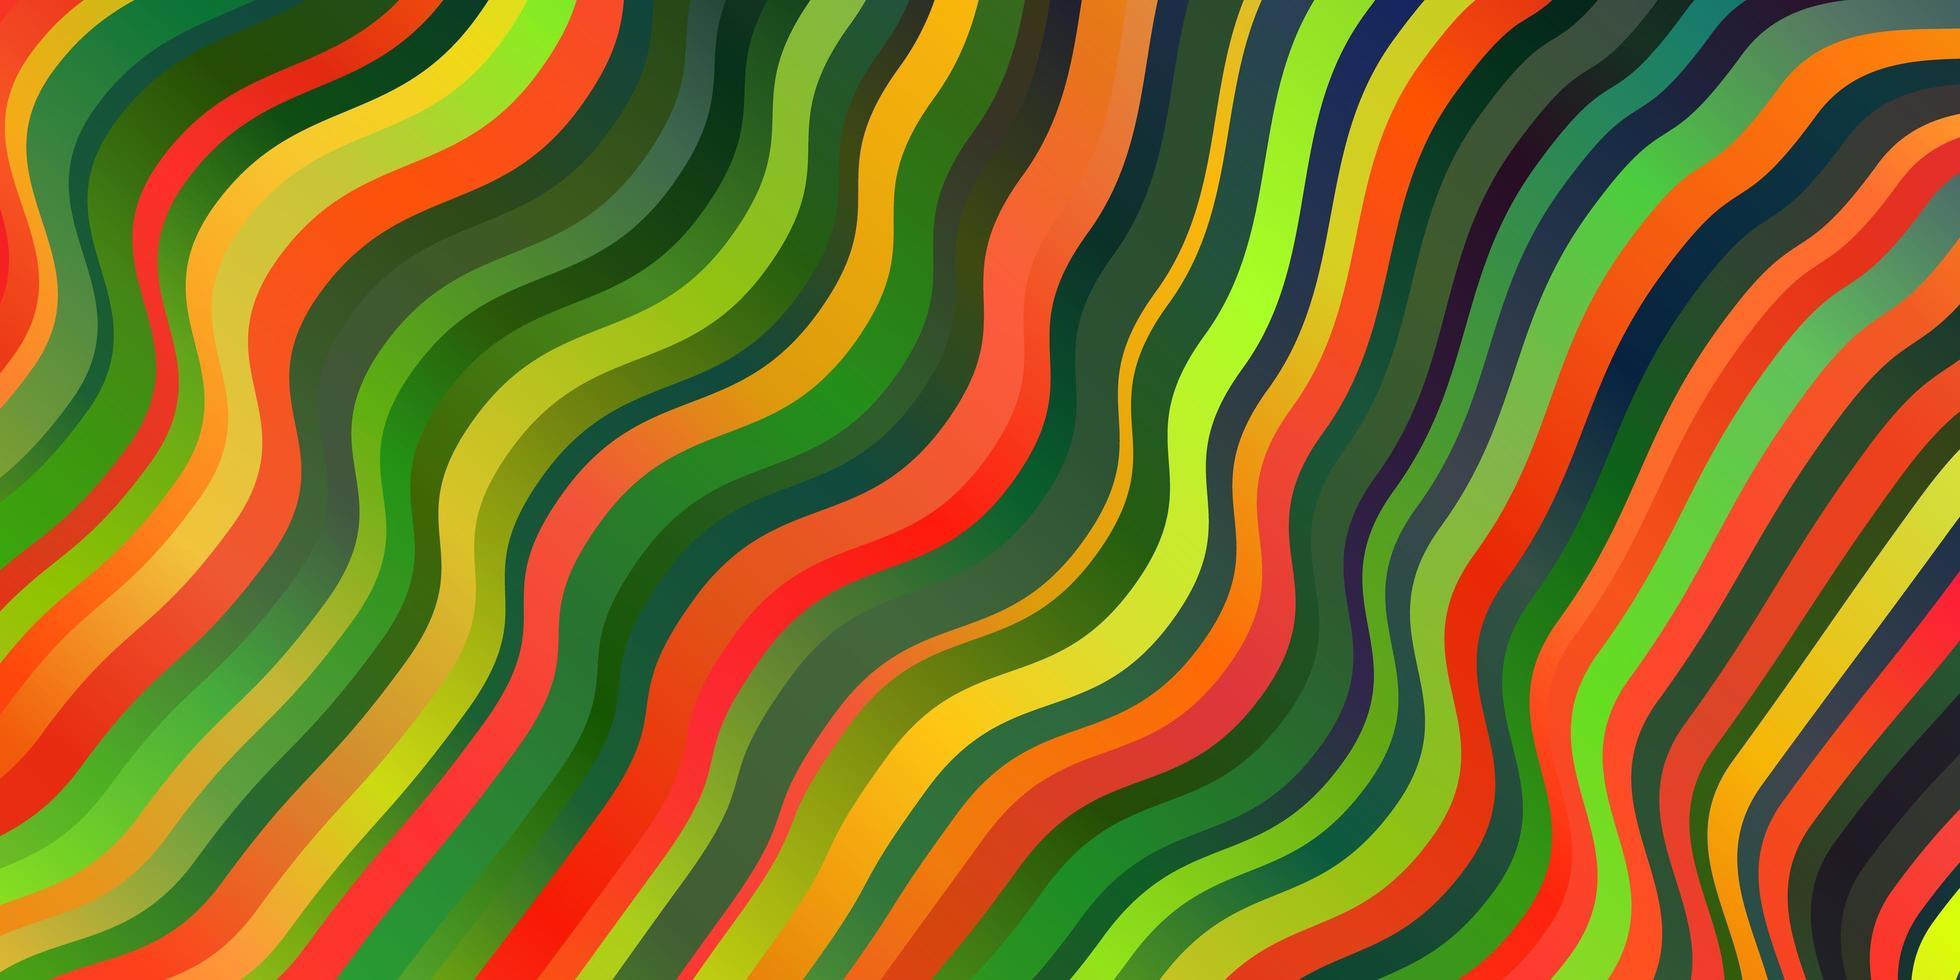 dunkler mehrfarbiger Vektorhintergrund mit Kreisbogen. vektor